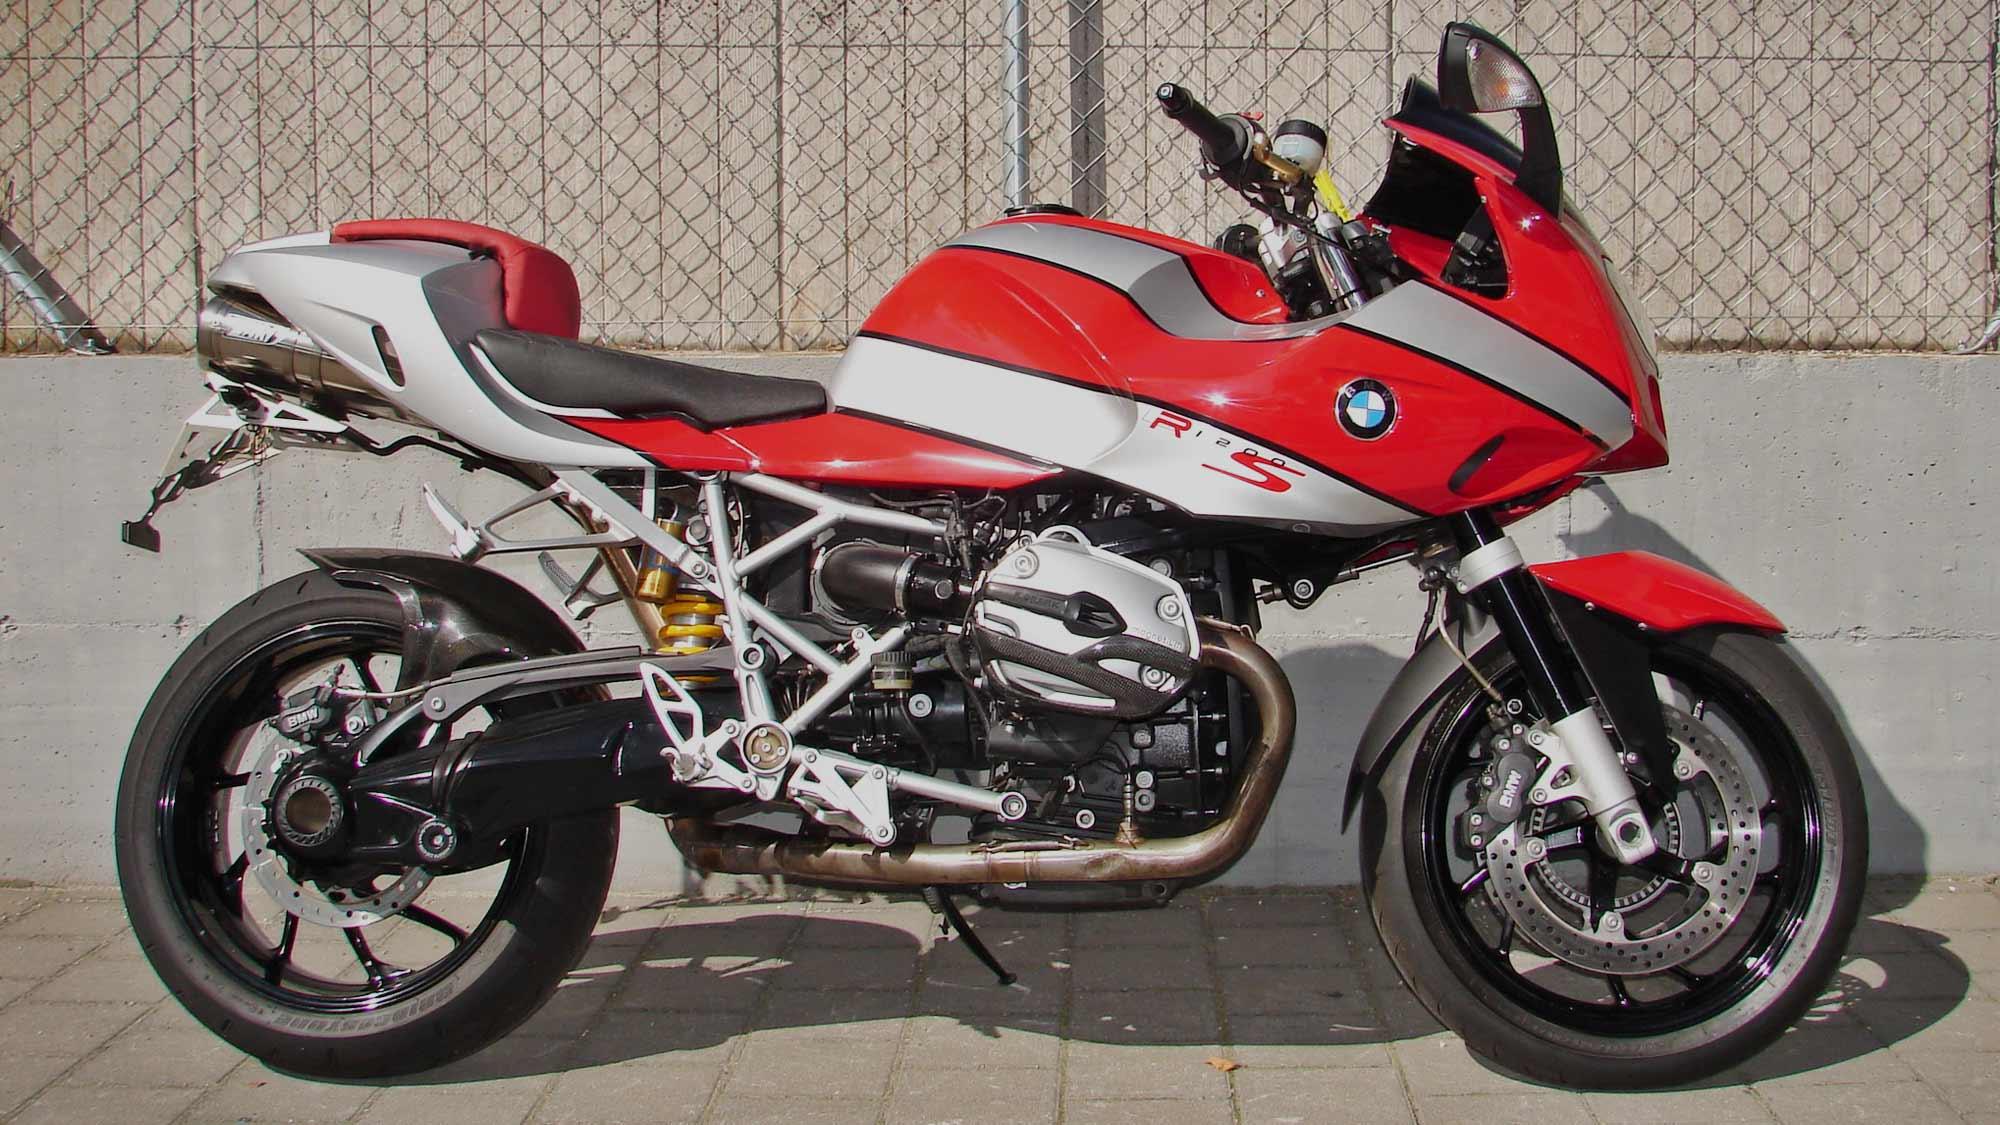 BMW R 1200 s Gebrauchtanhebot im Motorradzentrum Freiburg